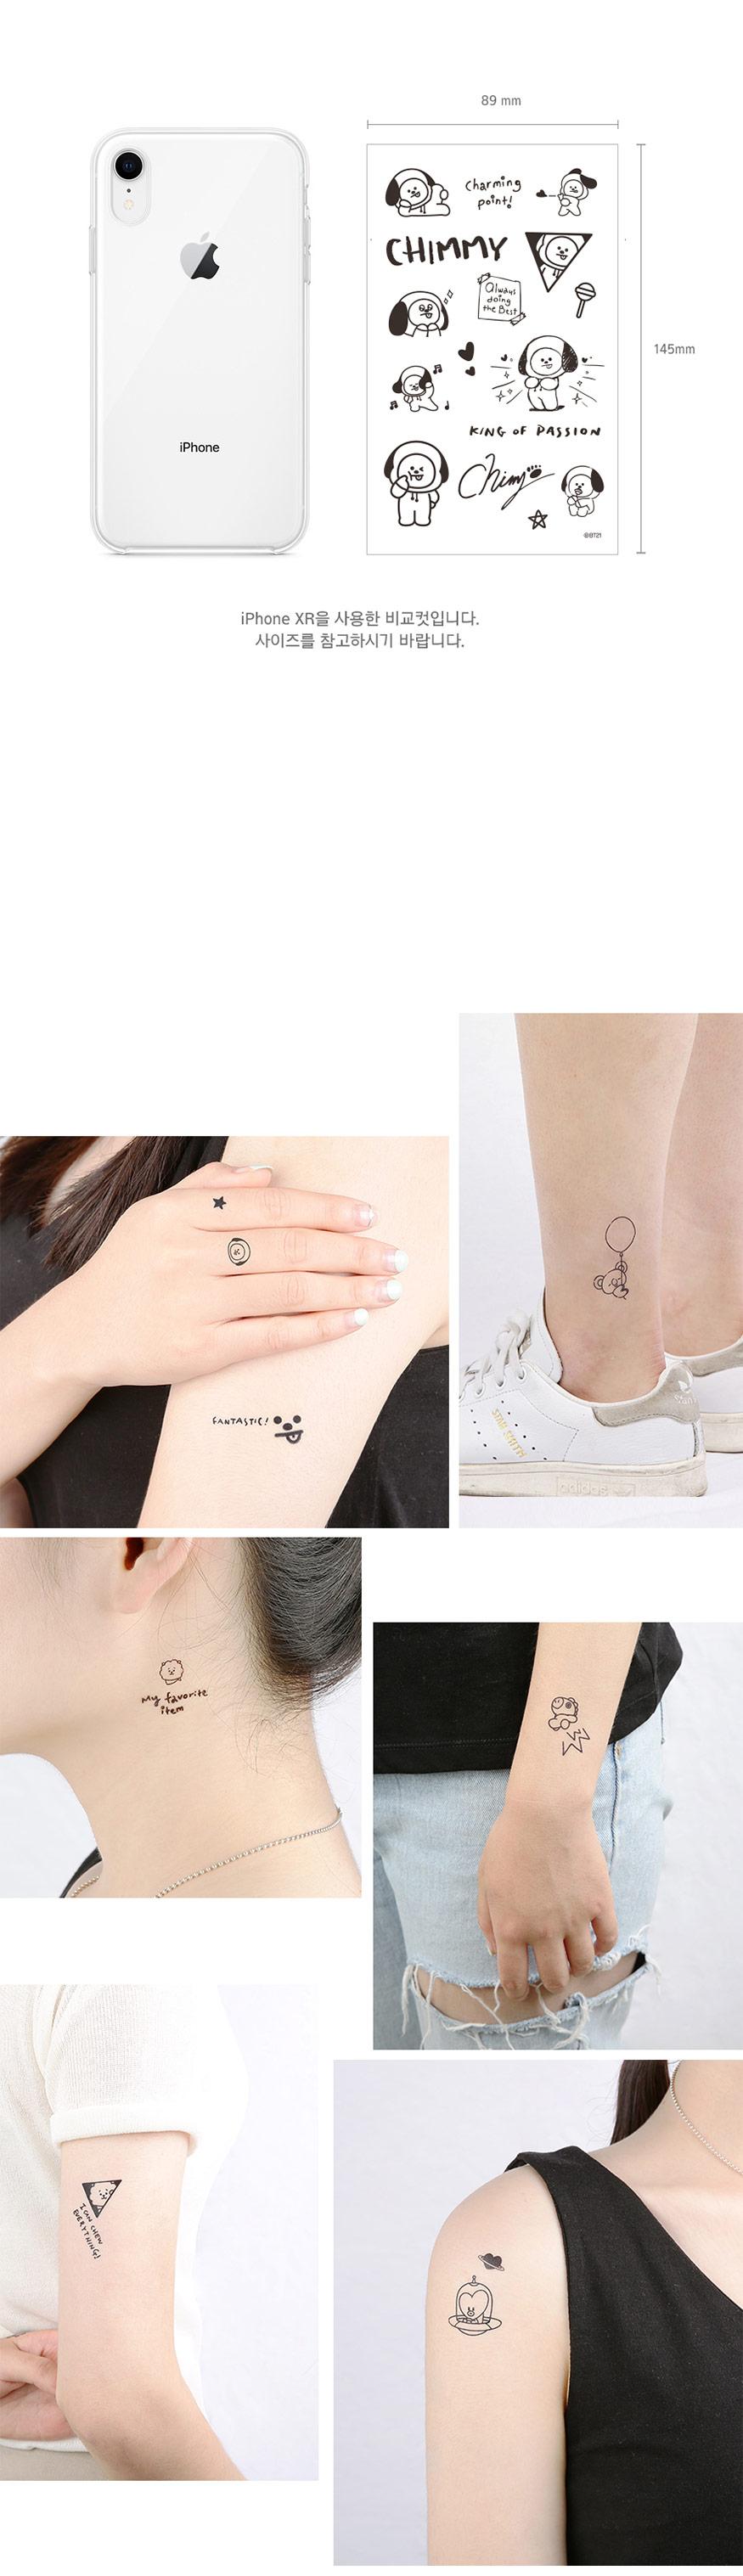 bt21_tattoo_sticker-2